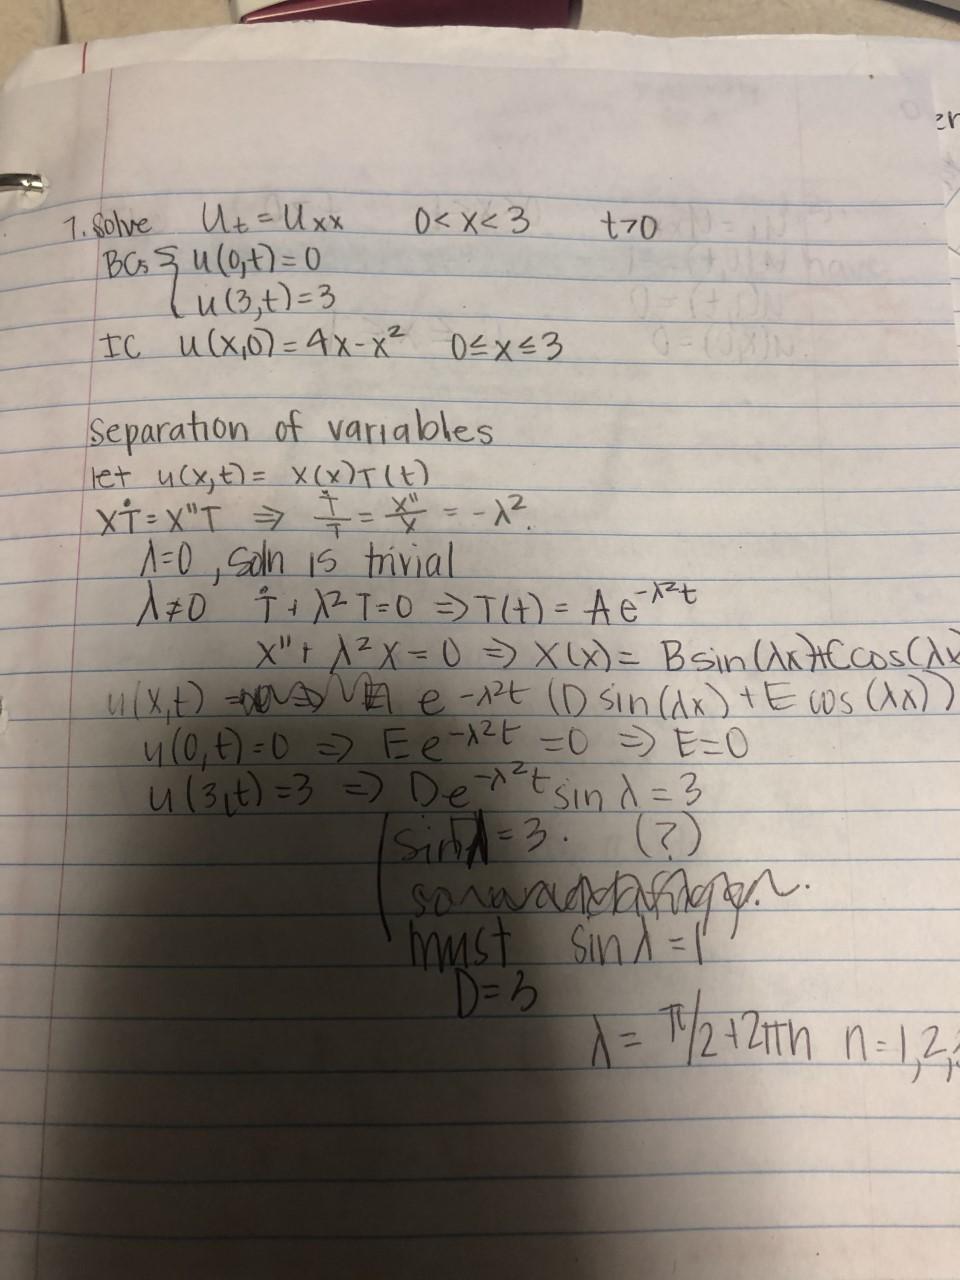 """1. Solve Ut-Ux. BCs şu(0t)=D0 lu1Bt)=3 IC u(x0)=4x-x² 0<X<3 0<x< 3 t70 Separation of variables let ucx,t)= X (x)T(t) A=0, San 15 trivial A+0 T+ XZ T=0 >T4) = Aet X""""t A²X=0 => xu)= Bsin ArtACCoS(A ulx.t) basy VA e-2t (D sin(Ax) tE ws (An)) 4(0,E) =0 > Ee 12E -0>E-0 Sin d= 3 Sand=3. () SDAWAADM Sind=l %3D u(3it) =3 =) De^t myst D=3 %3D"""